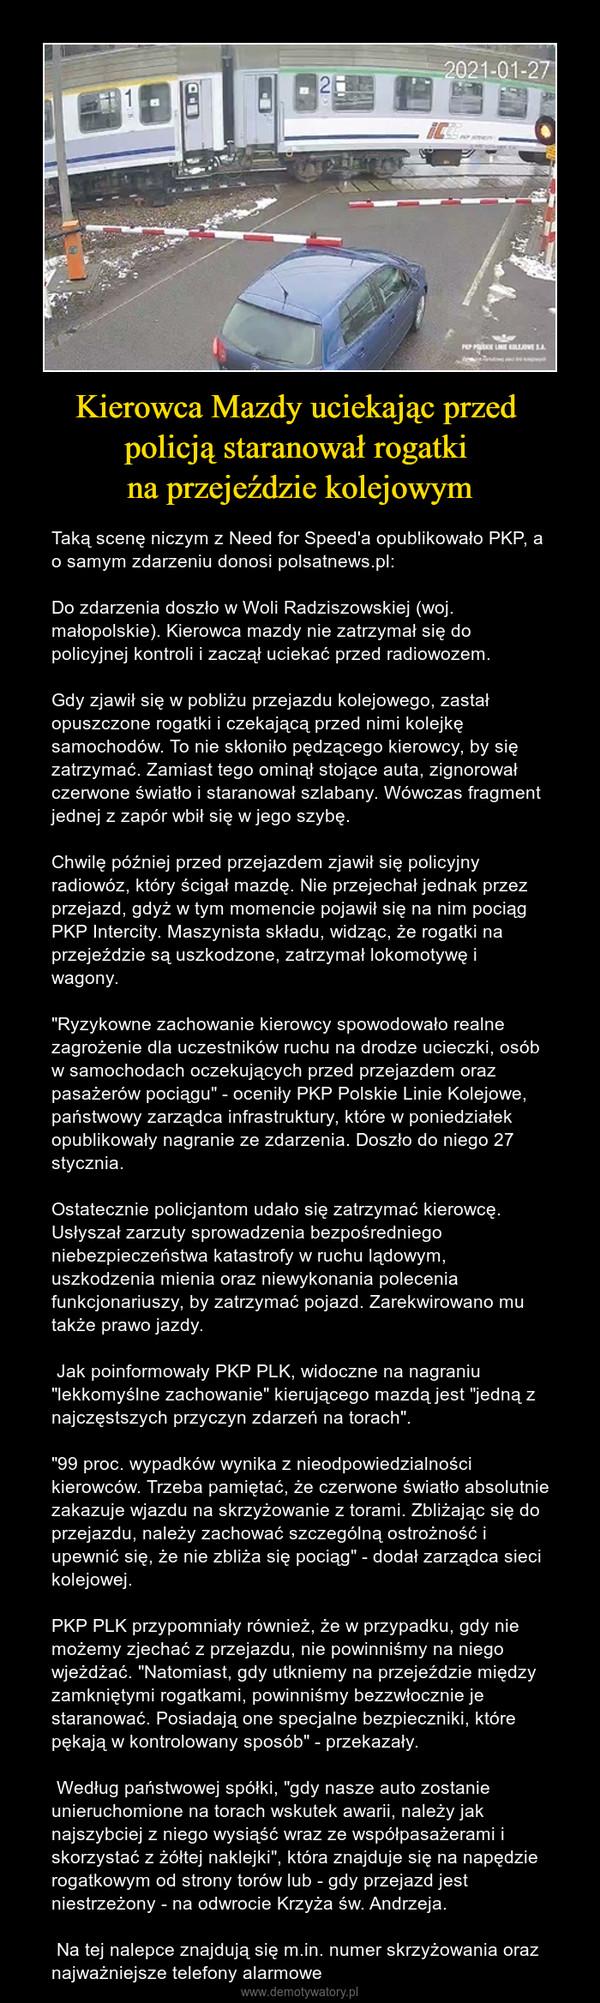 """Kierowca Mazdy uciekając przed policją staranował rogatki na przejeździe kolejowym – Taką scenę niczym z Need for Speed'a opublikowało PKP, a o samym zdarzeniu donosi polsatnews.pl:Do zdarzenia doszło w Woli Radziszowskiej (woj. małopolskie). Kierowca mazdy nie zatrzymał się do policyjnej kontroli i zaczął uciekać przed radiowozem.Gdy zjawił się w pobliżu przejazdu kolejowego, zastał opuszczone rogatki i czekającą przed nimi kolejkę samochodów. To nie skłoniło pędzącego kierowcy, by się zatrzymać. Zamiast tego ominął stojące auta, zignorował czerwone światło i staranował szlabany. Wówczas fragment jednej z zapór wbił się w jego szybę.Chwilę później przed przejazdem zjawił się policyjny radiowóz, który ścigał mazdę. Nie przejechał jednak przez przejazd, gdyż w tym momencie pojawił się na nim pociąg PKP Intercity. Maszynista składu, widząc, że rogatki na przejeździe są uszkodzone, zatrzymał lokomotywę i wagony.""""Ryzykowne zachowanie kierowcy spowodowało realne zagrożenie dla uczestników ruchu na drodze ucieczki, osób w samochodach oczekujących przed przejazdem oraz pasażerów pociągu"""" - oceniły PKP Polskie Linie Kolejowe, państwowy zarządca infrastruktury, które w poniedziałek opublikowały nagranie ze zdarzenia. Doszło do niego 27 stycznia.Ostatecznie policjantom udało się zatrzymać kierowcę. Usłyszał zarzuty sprowadzenia bezpośredniego niebezpieczeństwa katastrofy w ruchu lądowym, uszkodzenia mienia oraz niewykonania polecenia funkcjonariuszy, by zatrzymać pojazd. Zarekwirowano mu także prawo jazdy.Jak poinformowały PKP PLK, widoczne na nagraniu """"lekkomyślne zachowanie"""" kierującego mazdą jest """"jedną z najczęstszych przyczyn zdarzeń na torach"""".""""99 proc. wypadków wynika z nieodpowiedzialności kierowców. Trzeba pamiętać, że czerwone światło absolutnie zakazuje wjazdu na skrzyżowanie z torami. Zbliżając się do przejazdu, należy zachować szczególną ostrożność i upewnić się, że nie zbliża się pociąg"""" - dodał zarządca sieci kolejowej.PKP PLK przypomniały również, że w przypad"""